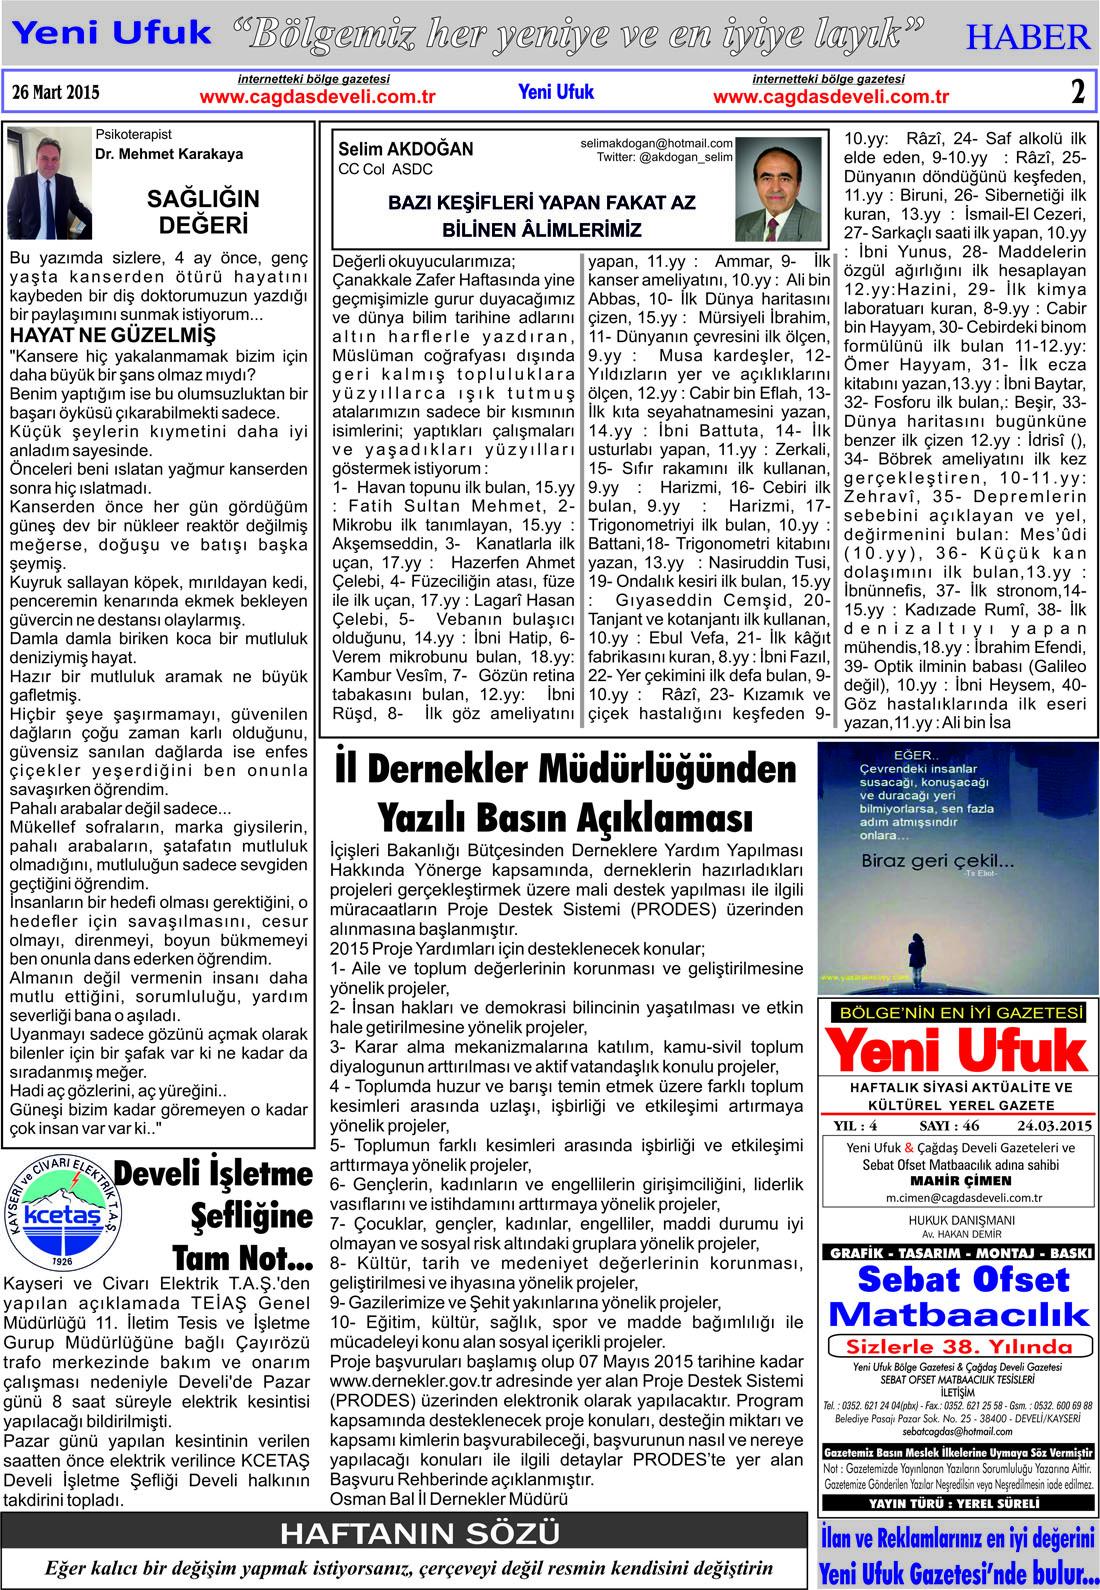 Yeni Ufuk Bölge Gazetesi, 26 Mart 2015, Sayfa 2